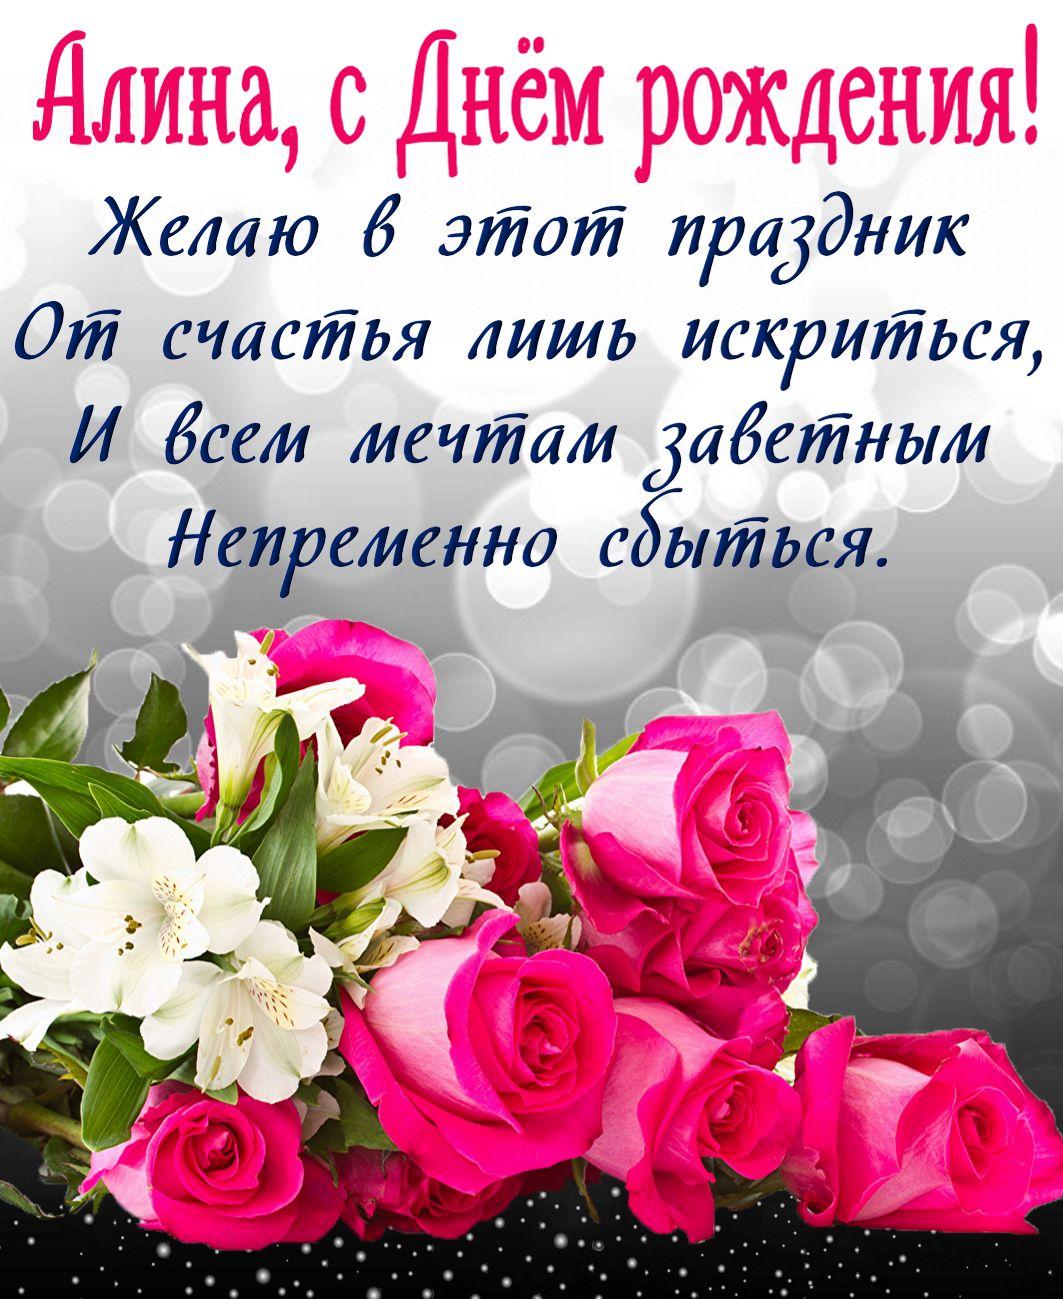 Открытка - букет роз Алине на День рождения